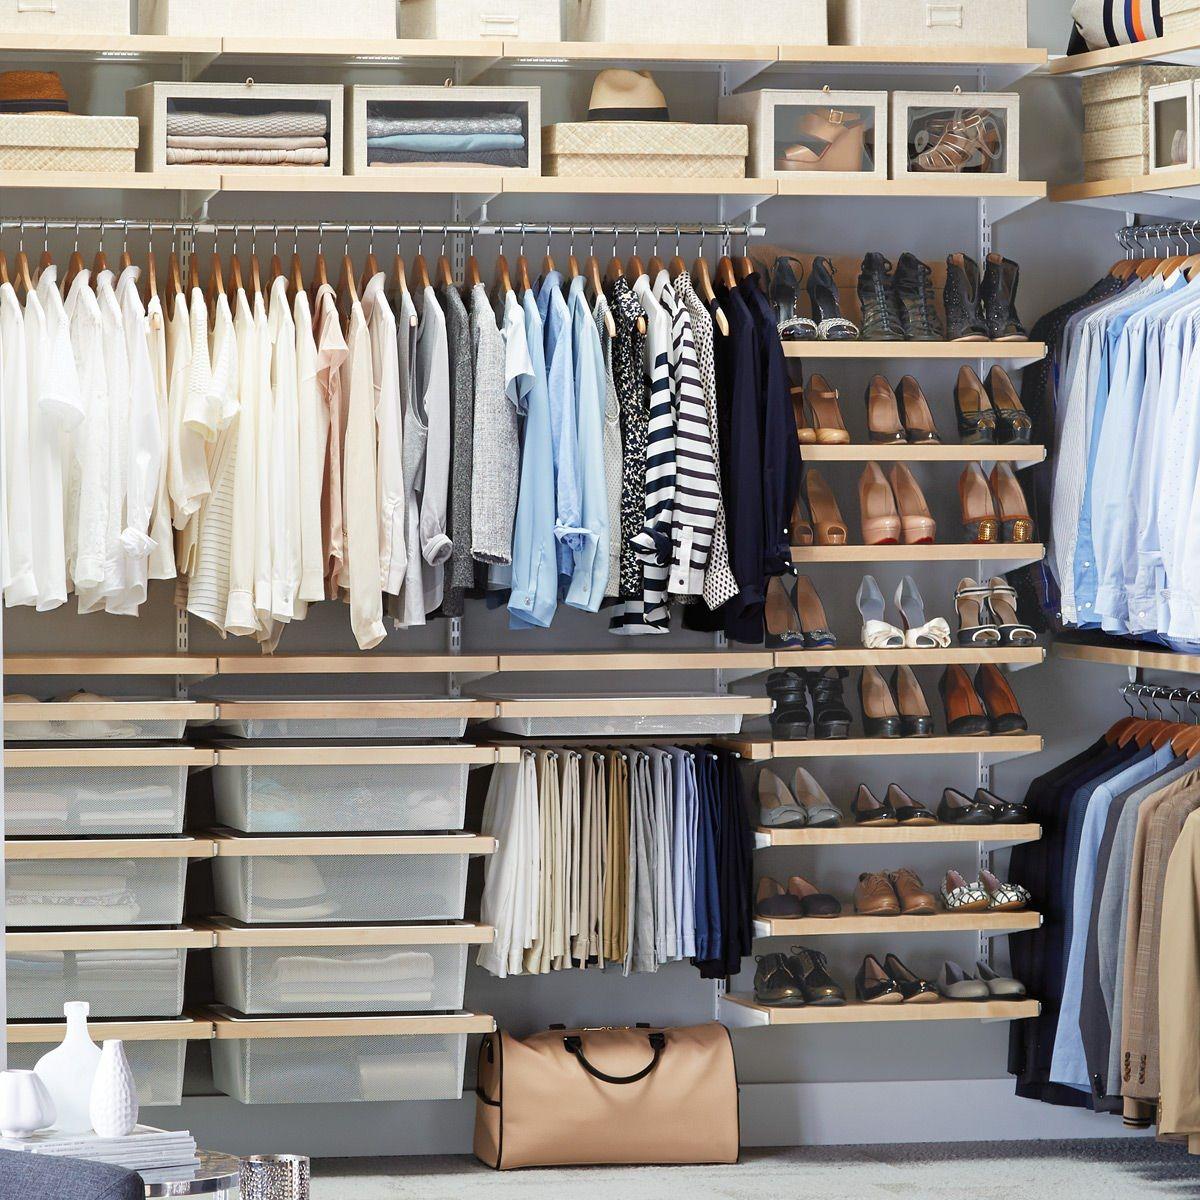 Modular And Custom Closet Solutions Designed For You No Closet Solutions Custom Closet Shelving Closet Renovation